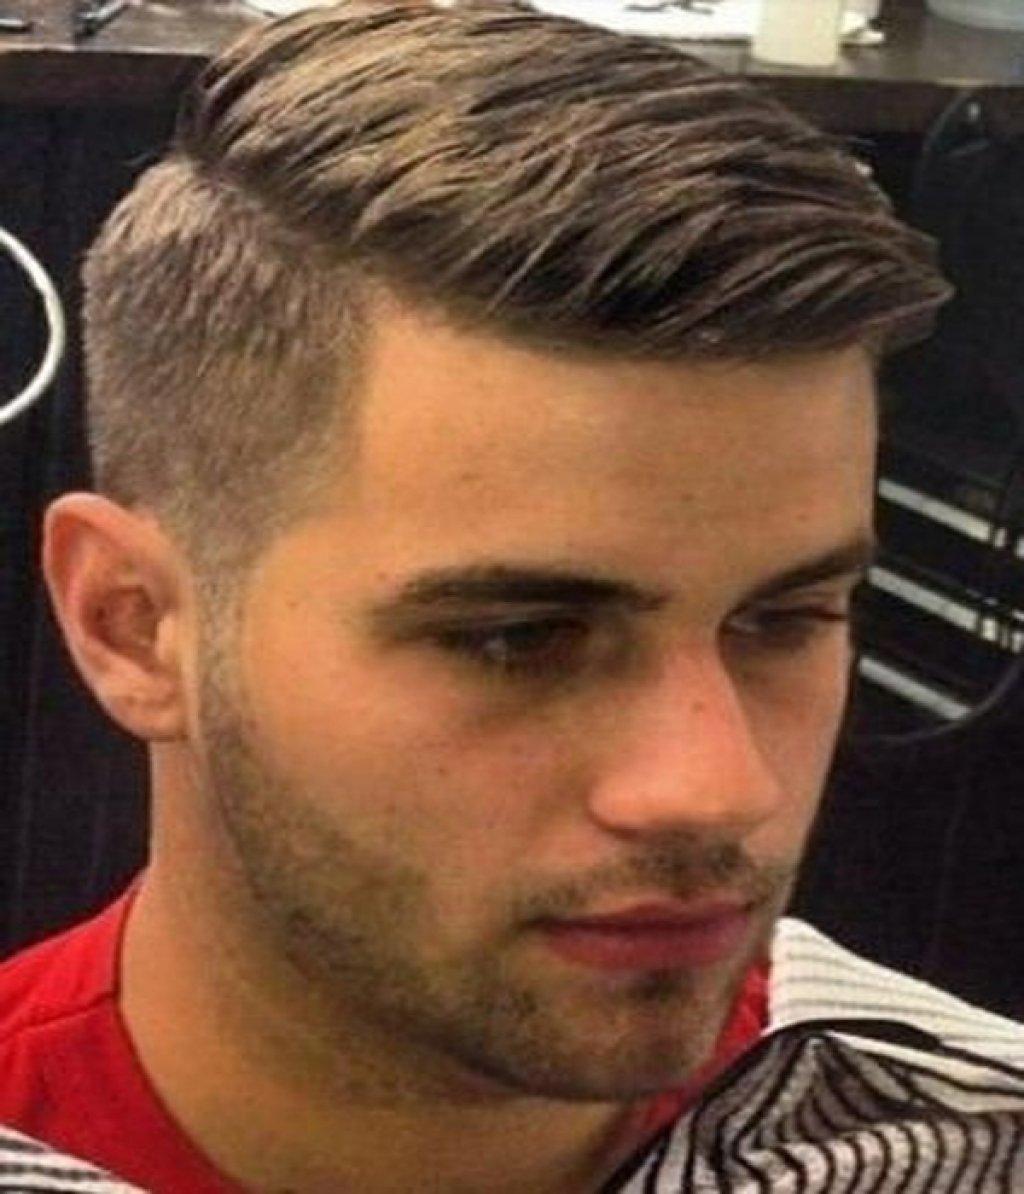 Мужская стильная прическа на короткие волосы